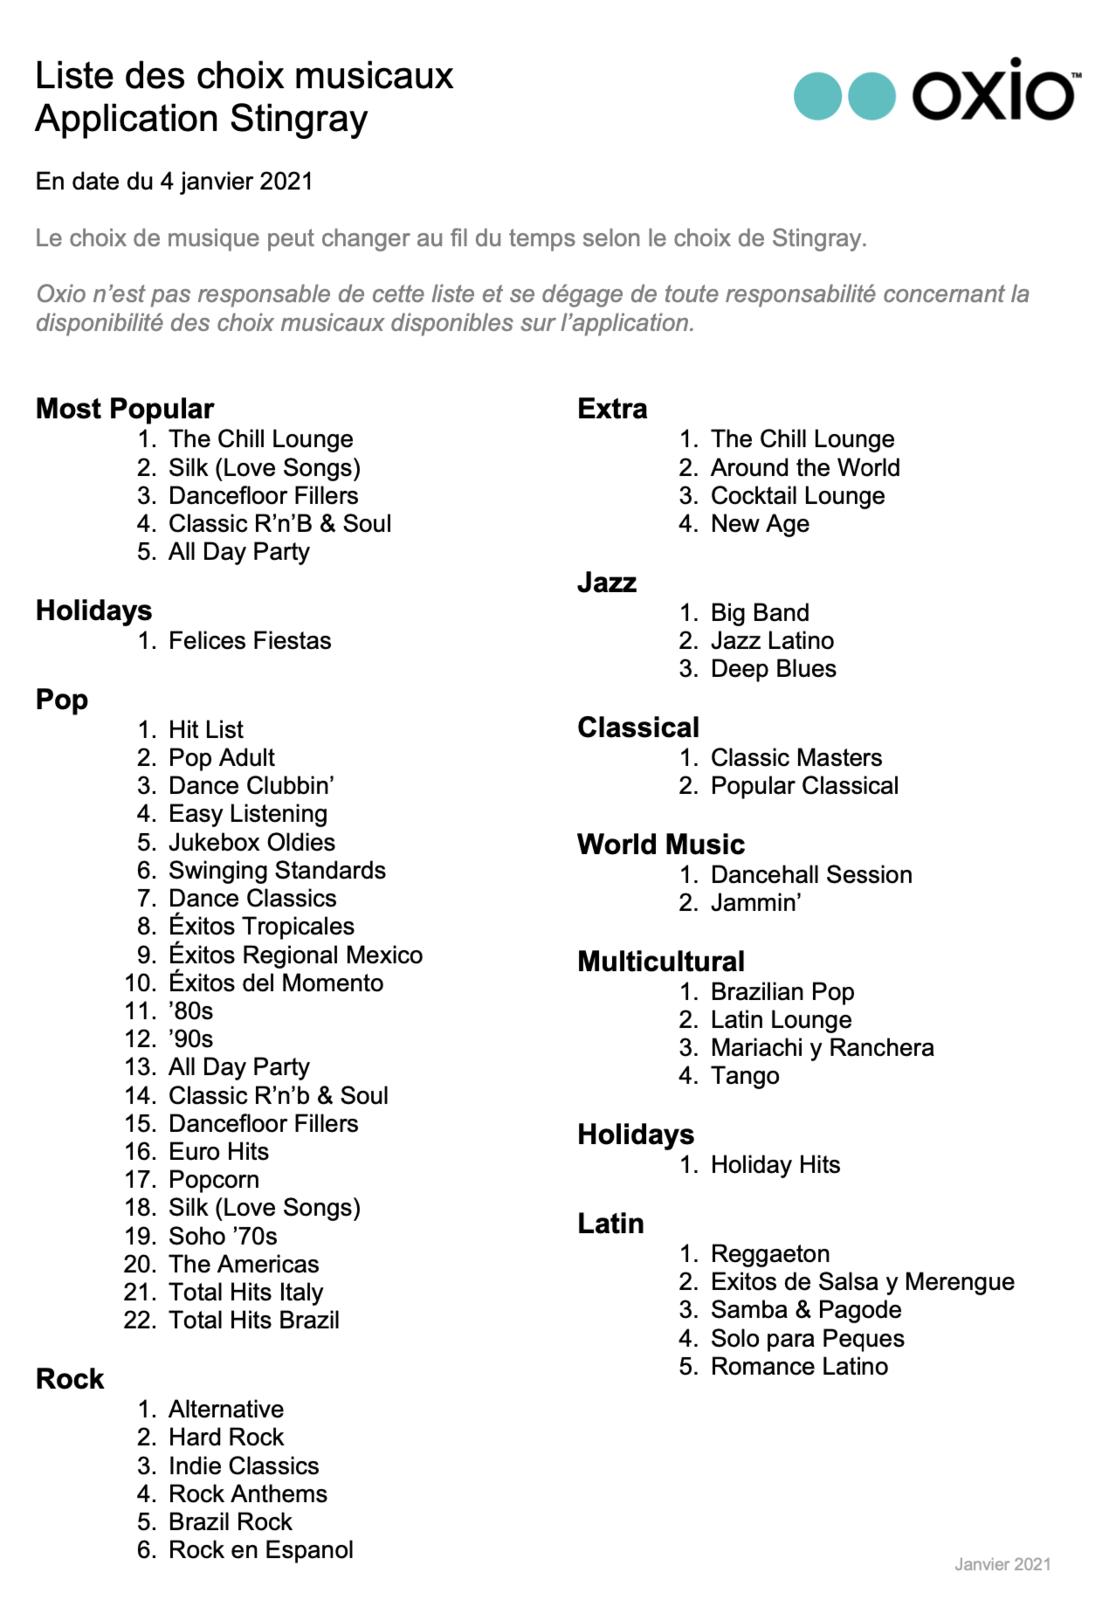 Liste de choix musicaux - Application Stingray Janvier 2021